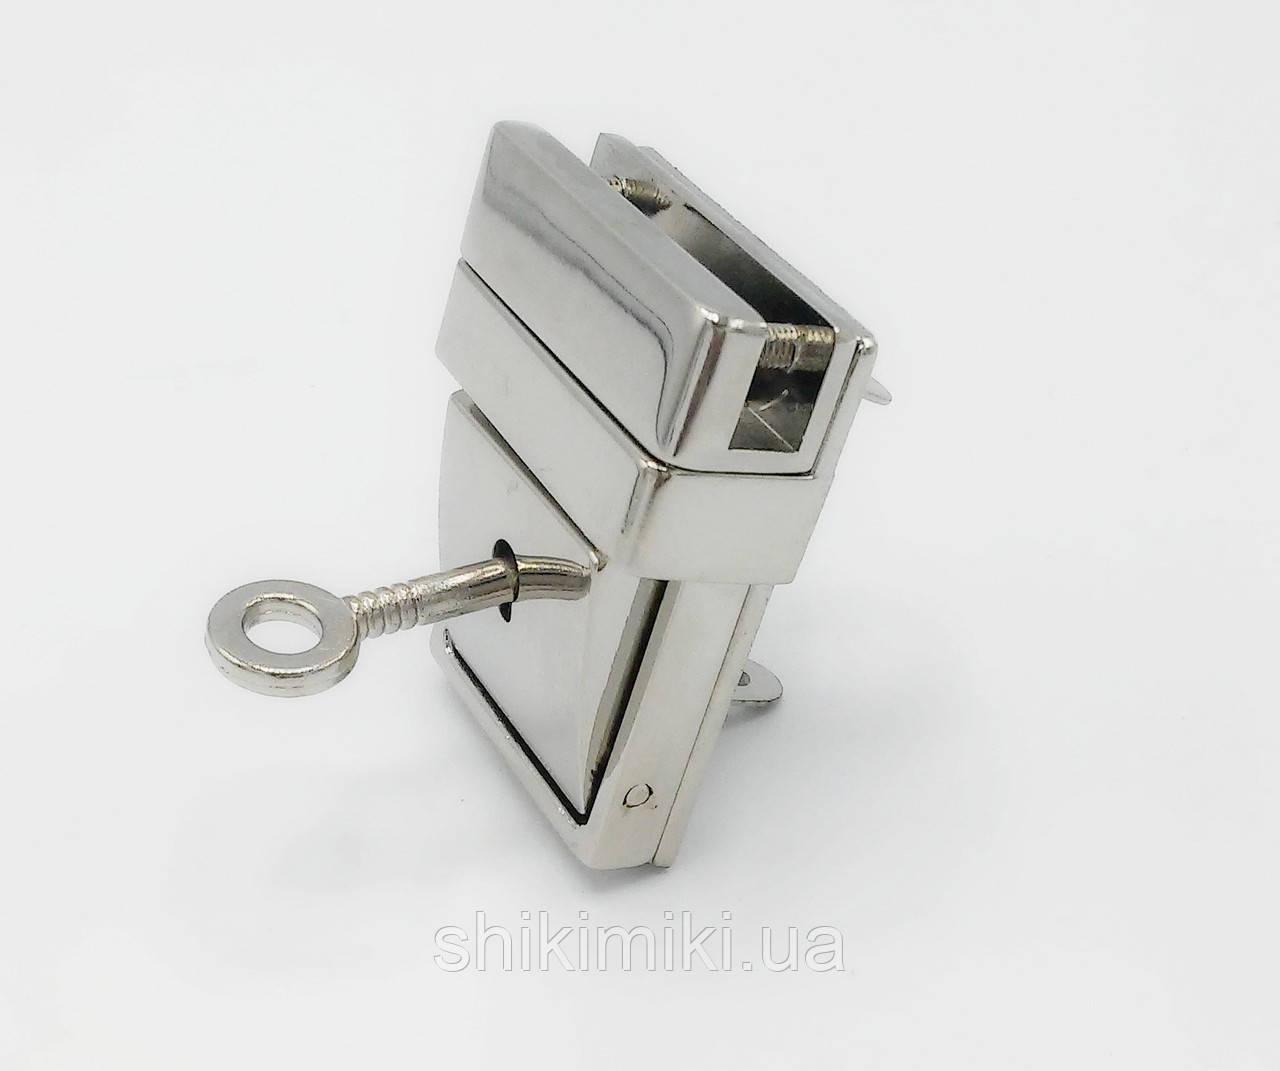 Замок для сумки с ключом ZM26-1, цвет никель